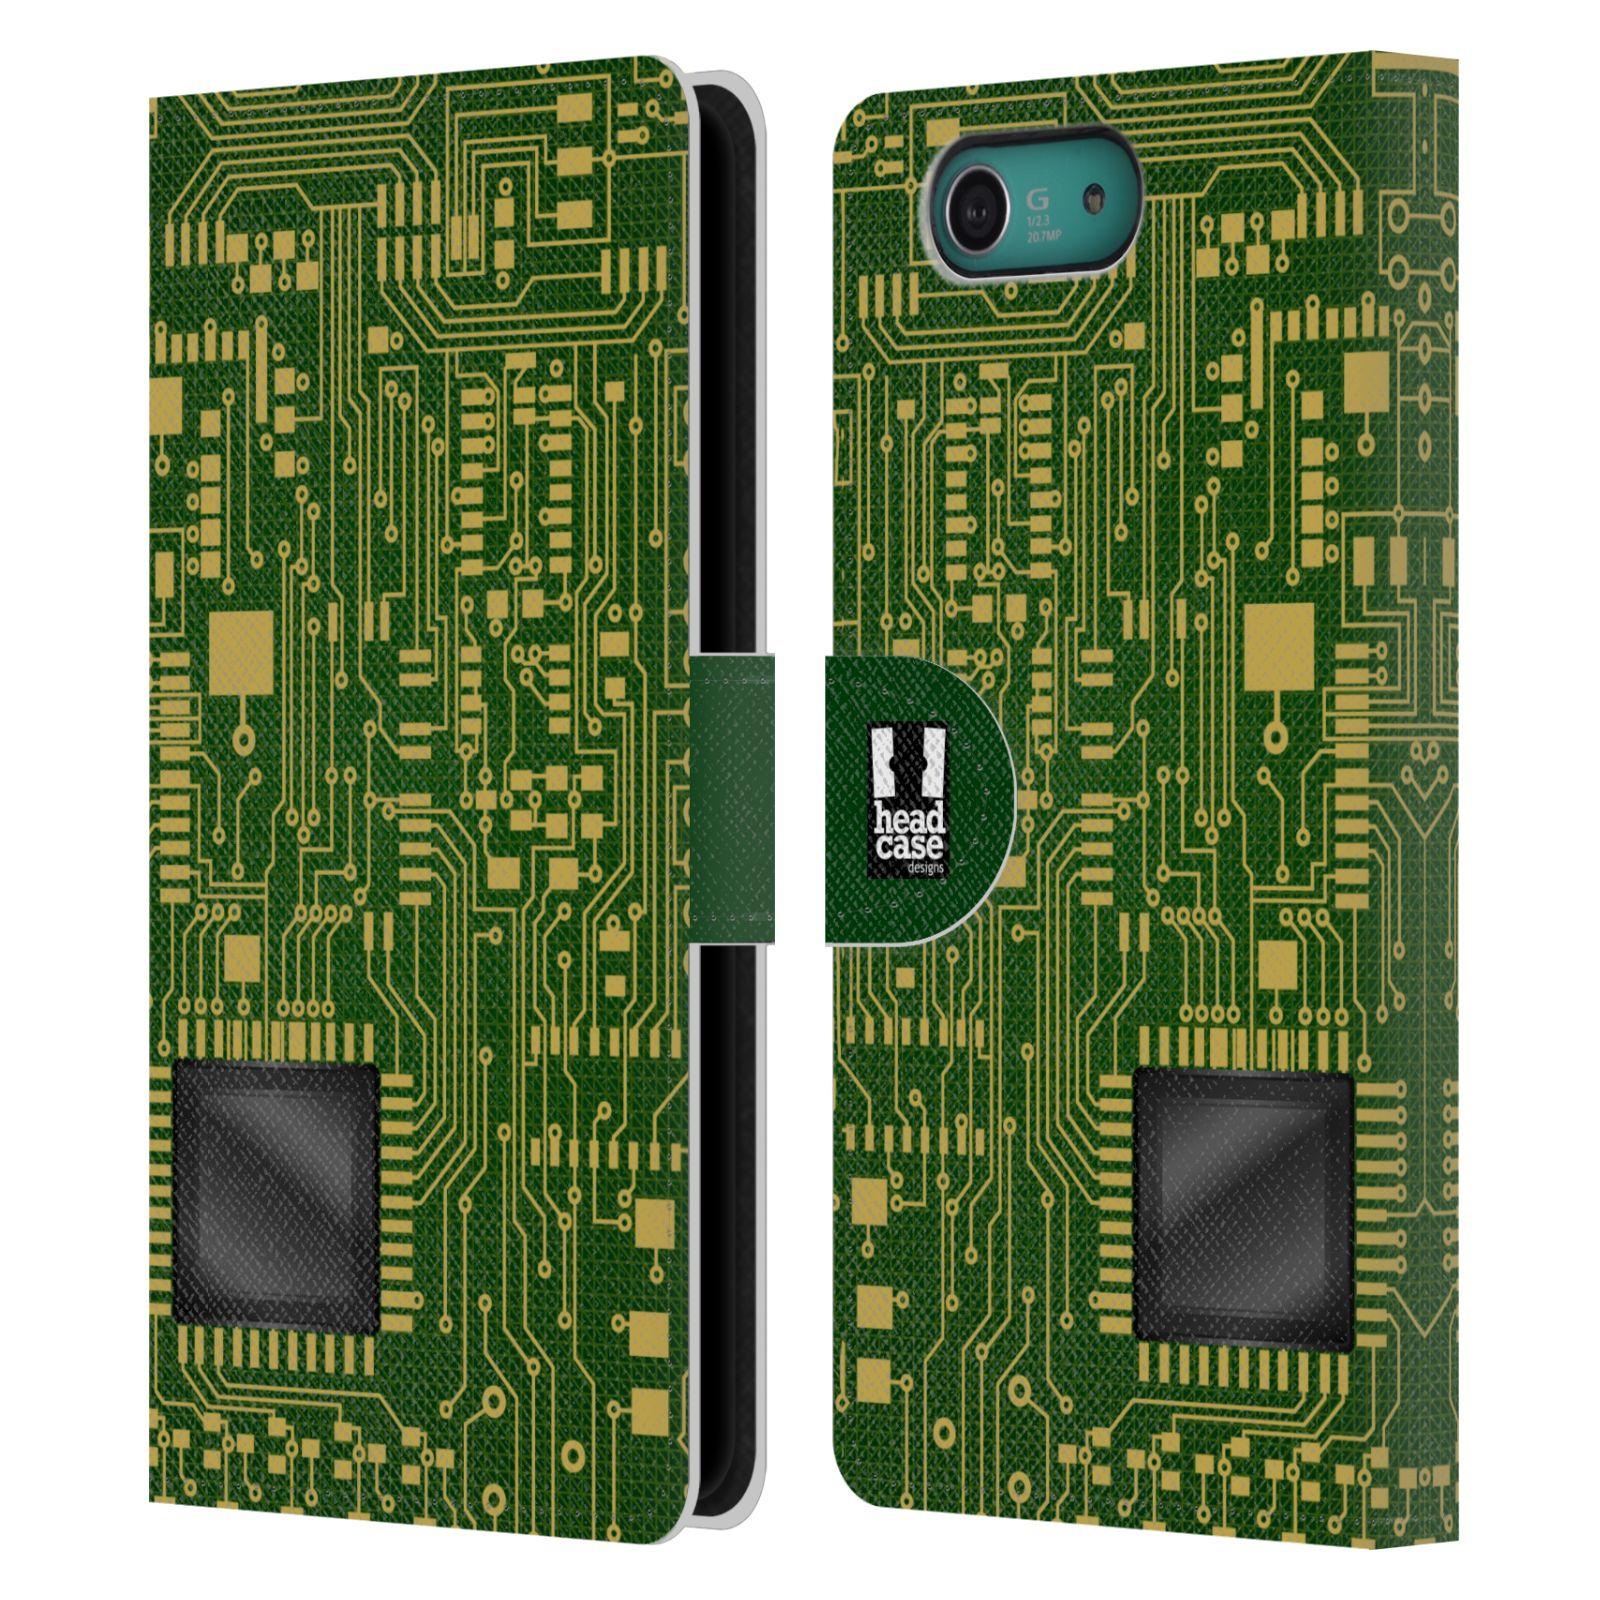 HEAD CASE Flipové pouzdro pro mobil SONY XPERIA Z3 COMPACT počítač základní deska zelená barva velký čip